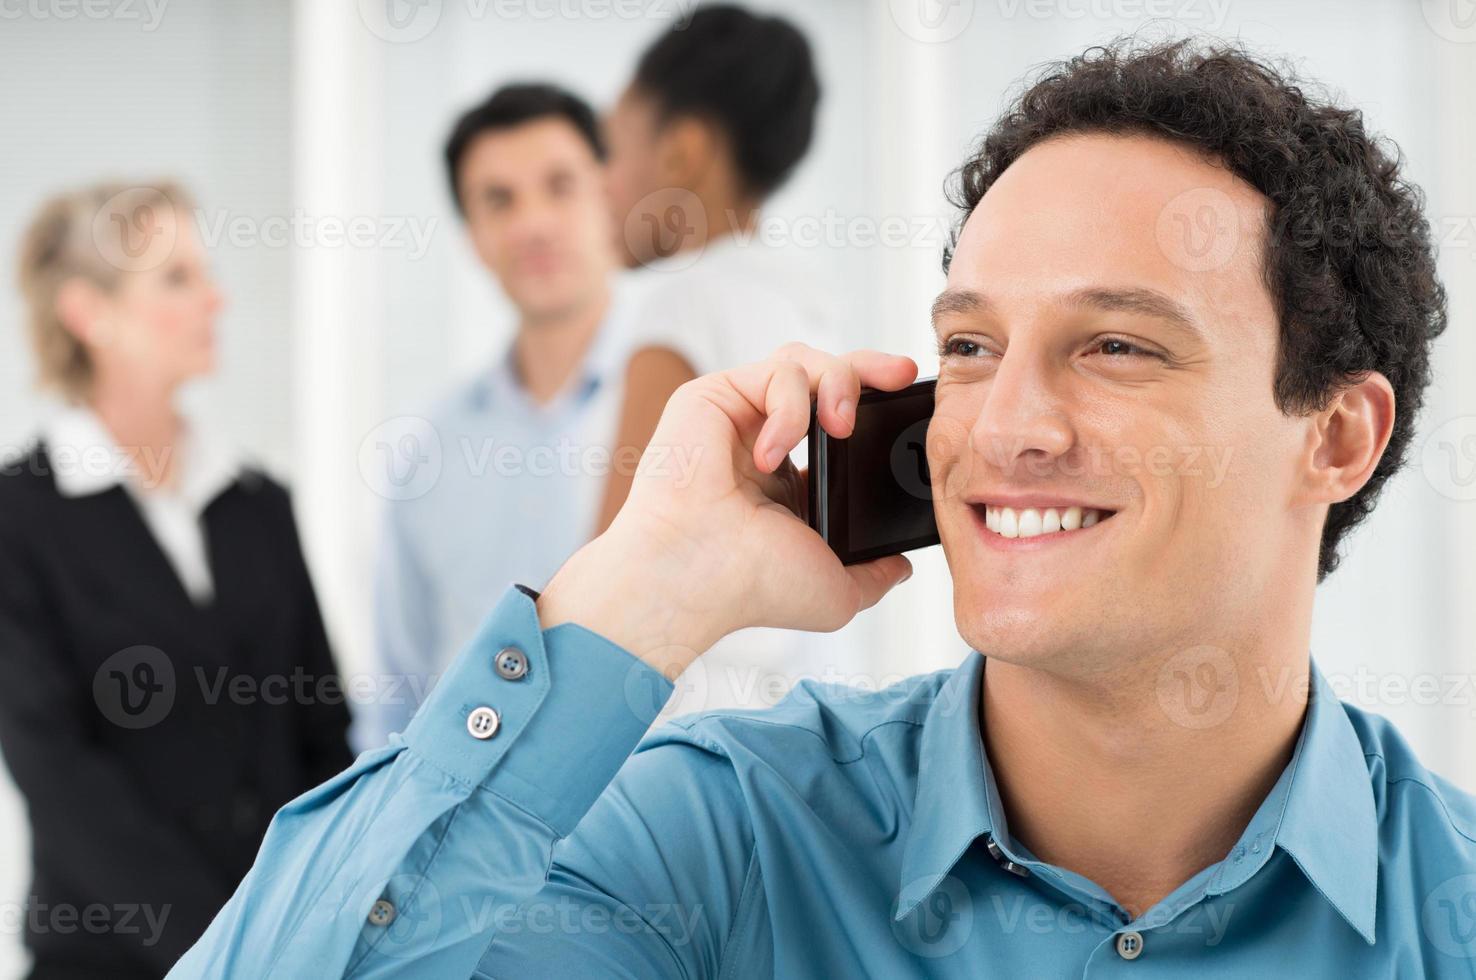 homme d'affaires souriant, parler au téléphone cellulaire photo